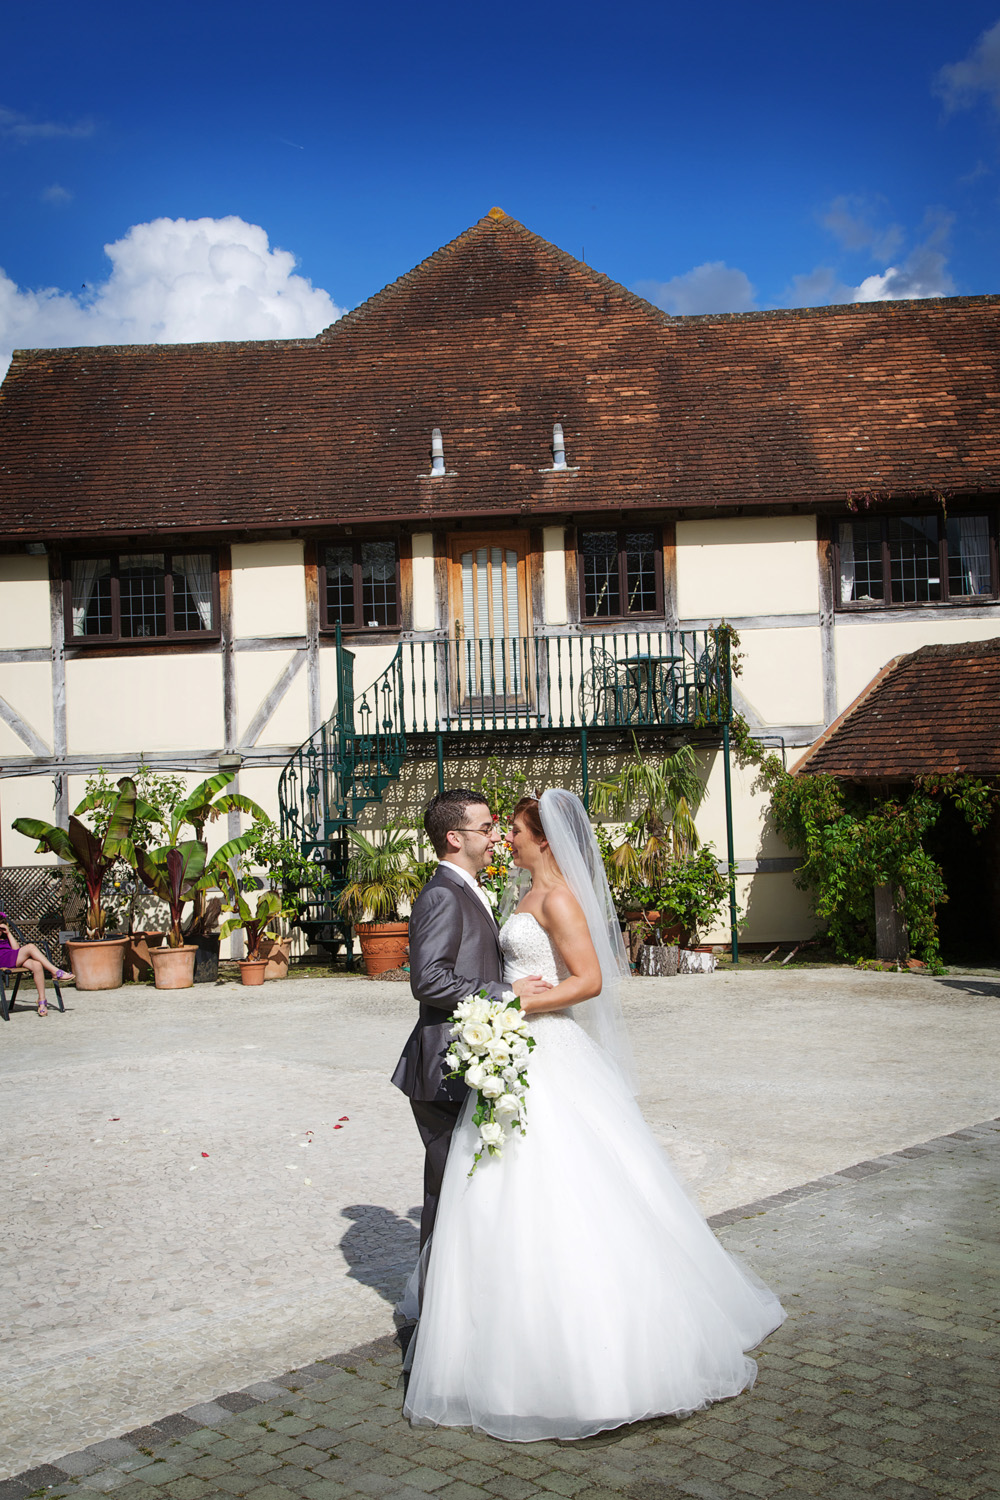 Rivervale_Barn_Wedding_Photographer_Yateley_040.jpg